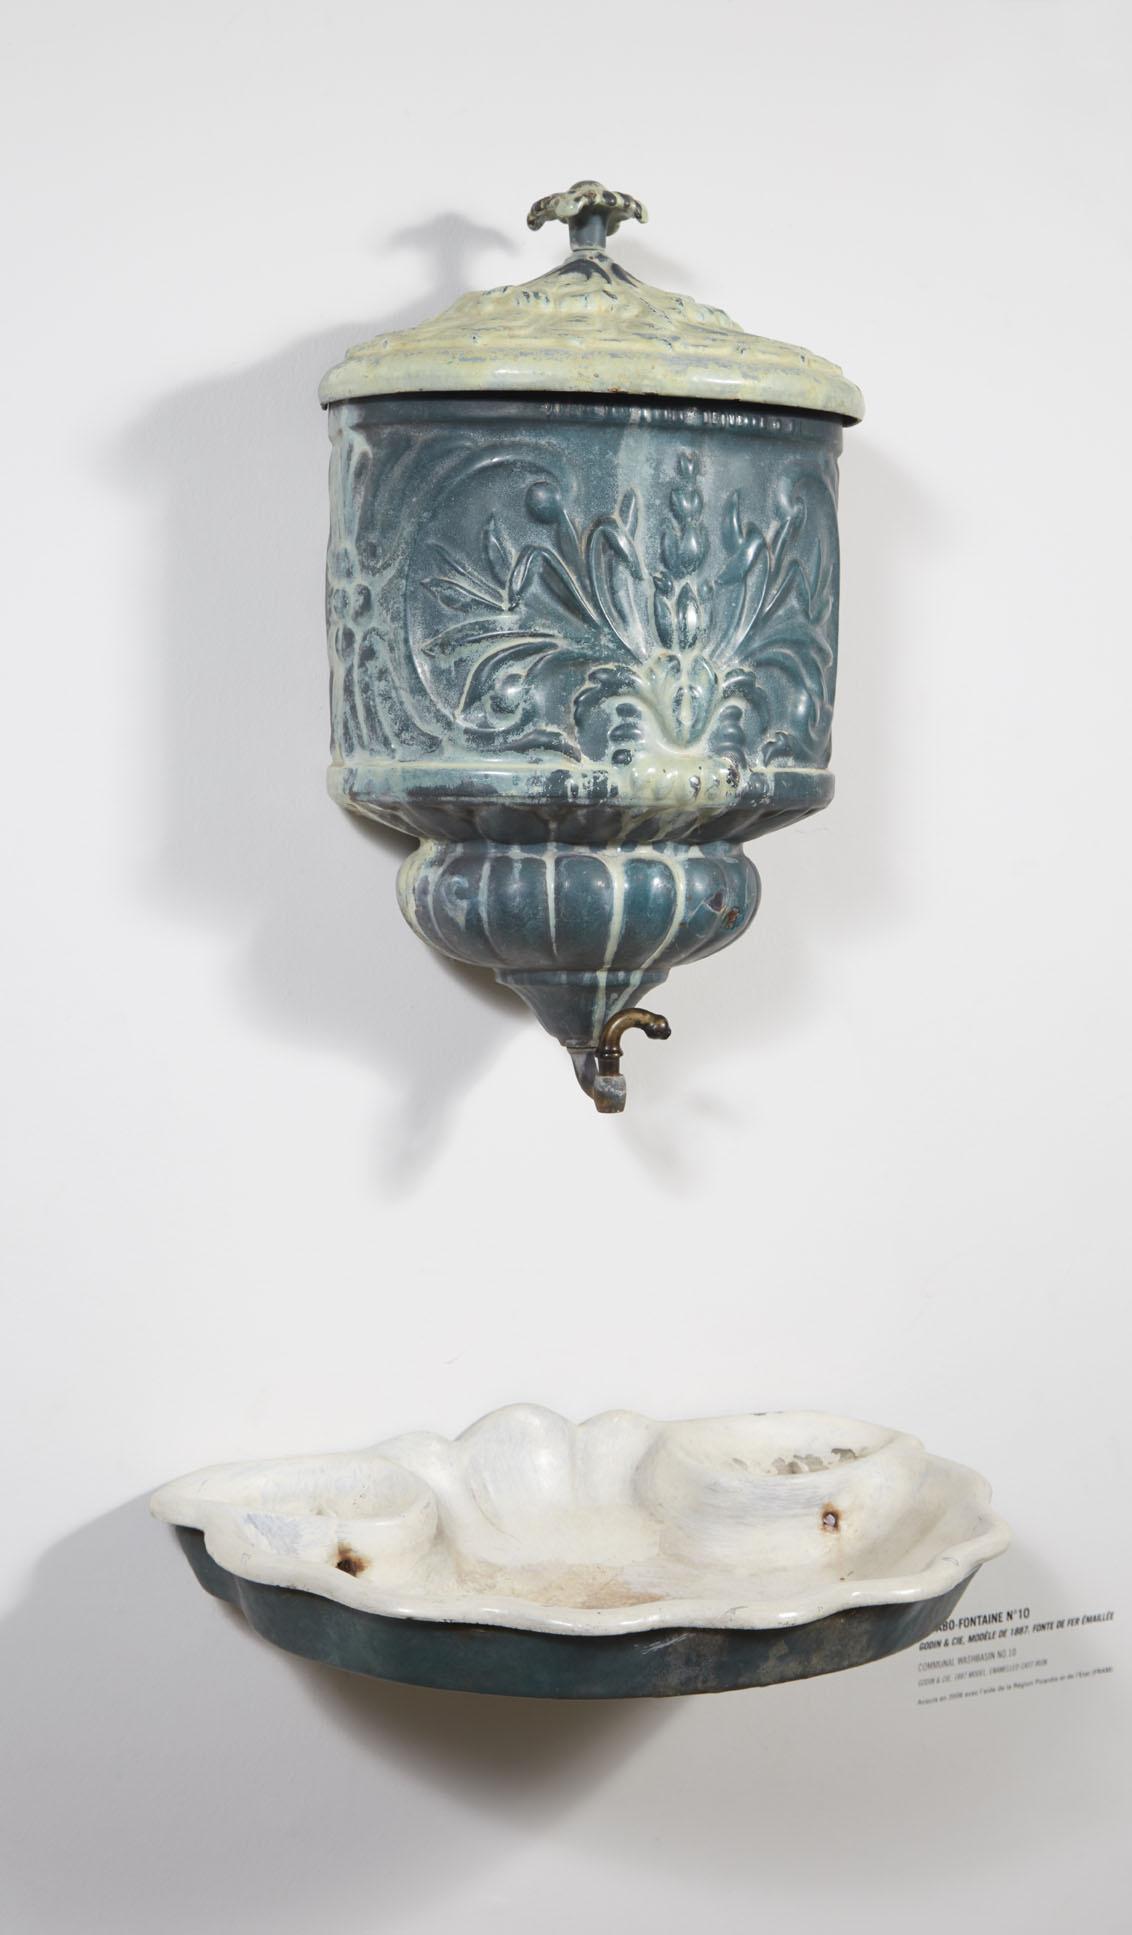 Vue de face du lavabo fontaine n° 10